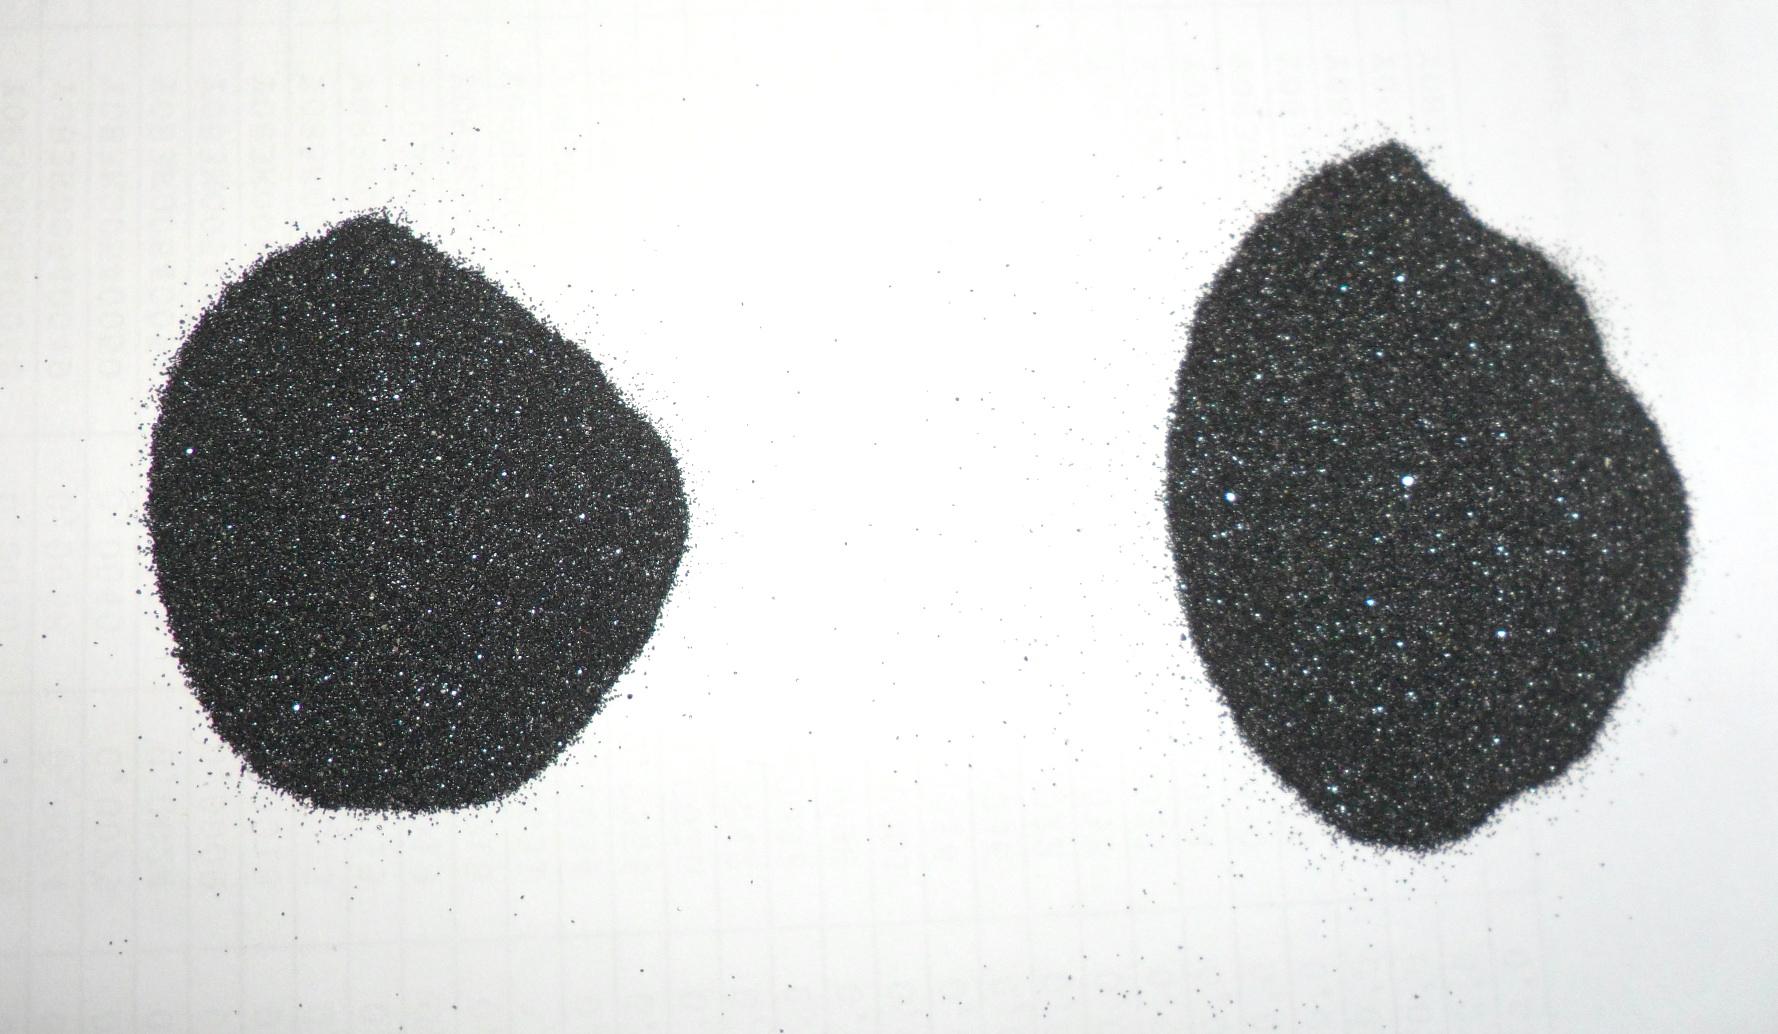 ''Черный песок'', прошедший ручную магнитную сепарацию. Сильномагнитная фракция слева и слабомагнитная справа (содержат титан и железо)